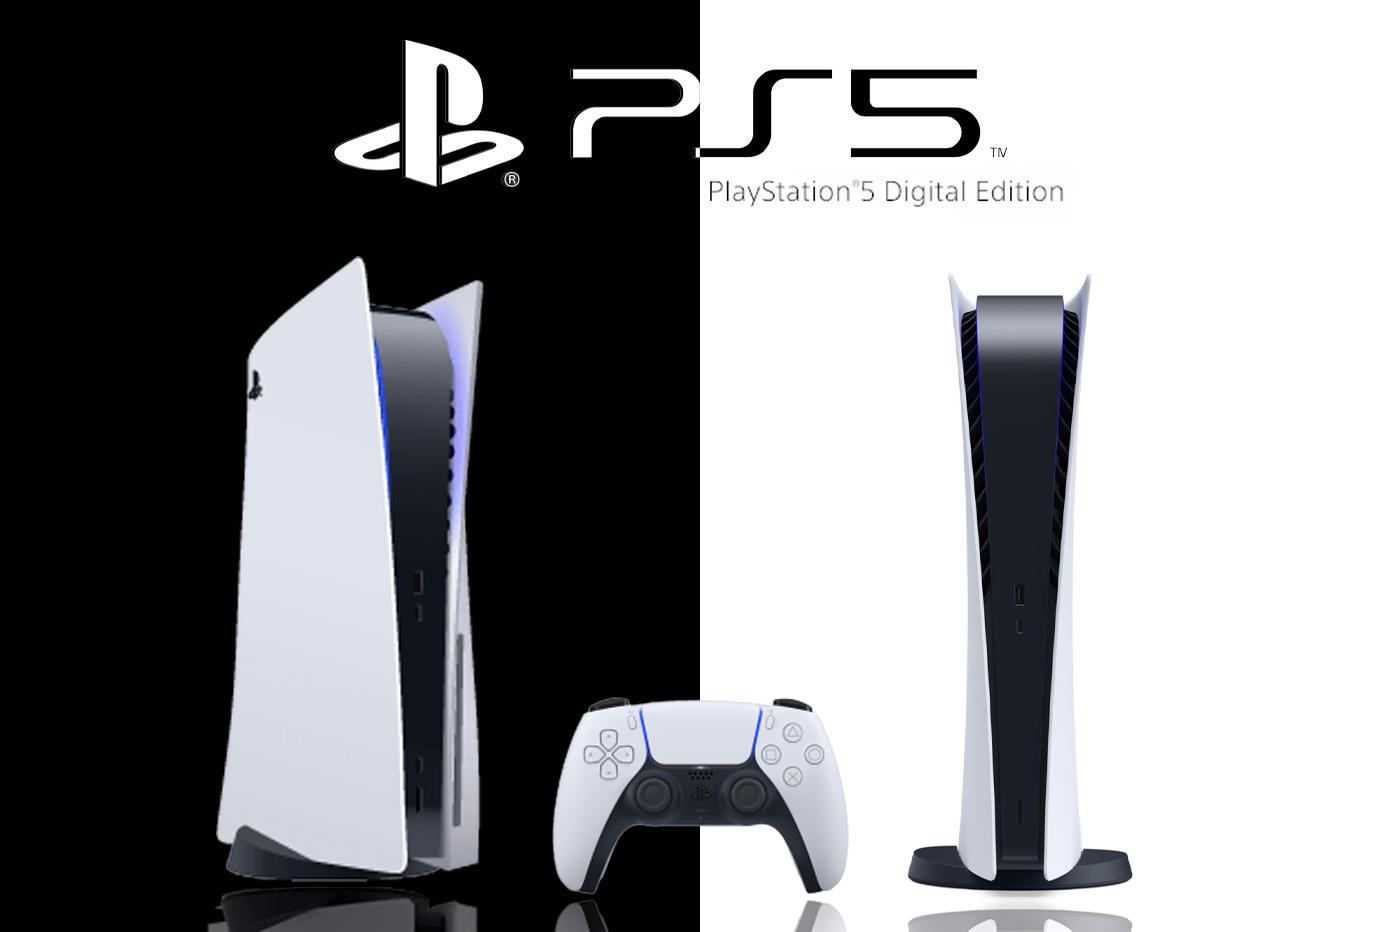 عکس کنسول های PS5 و PS5 digital edition در حالت عمودی